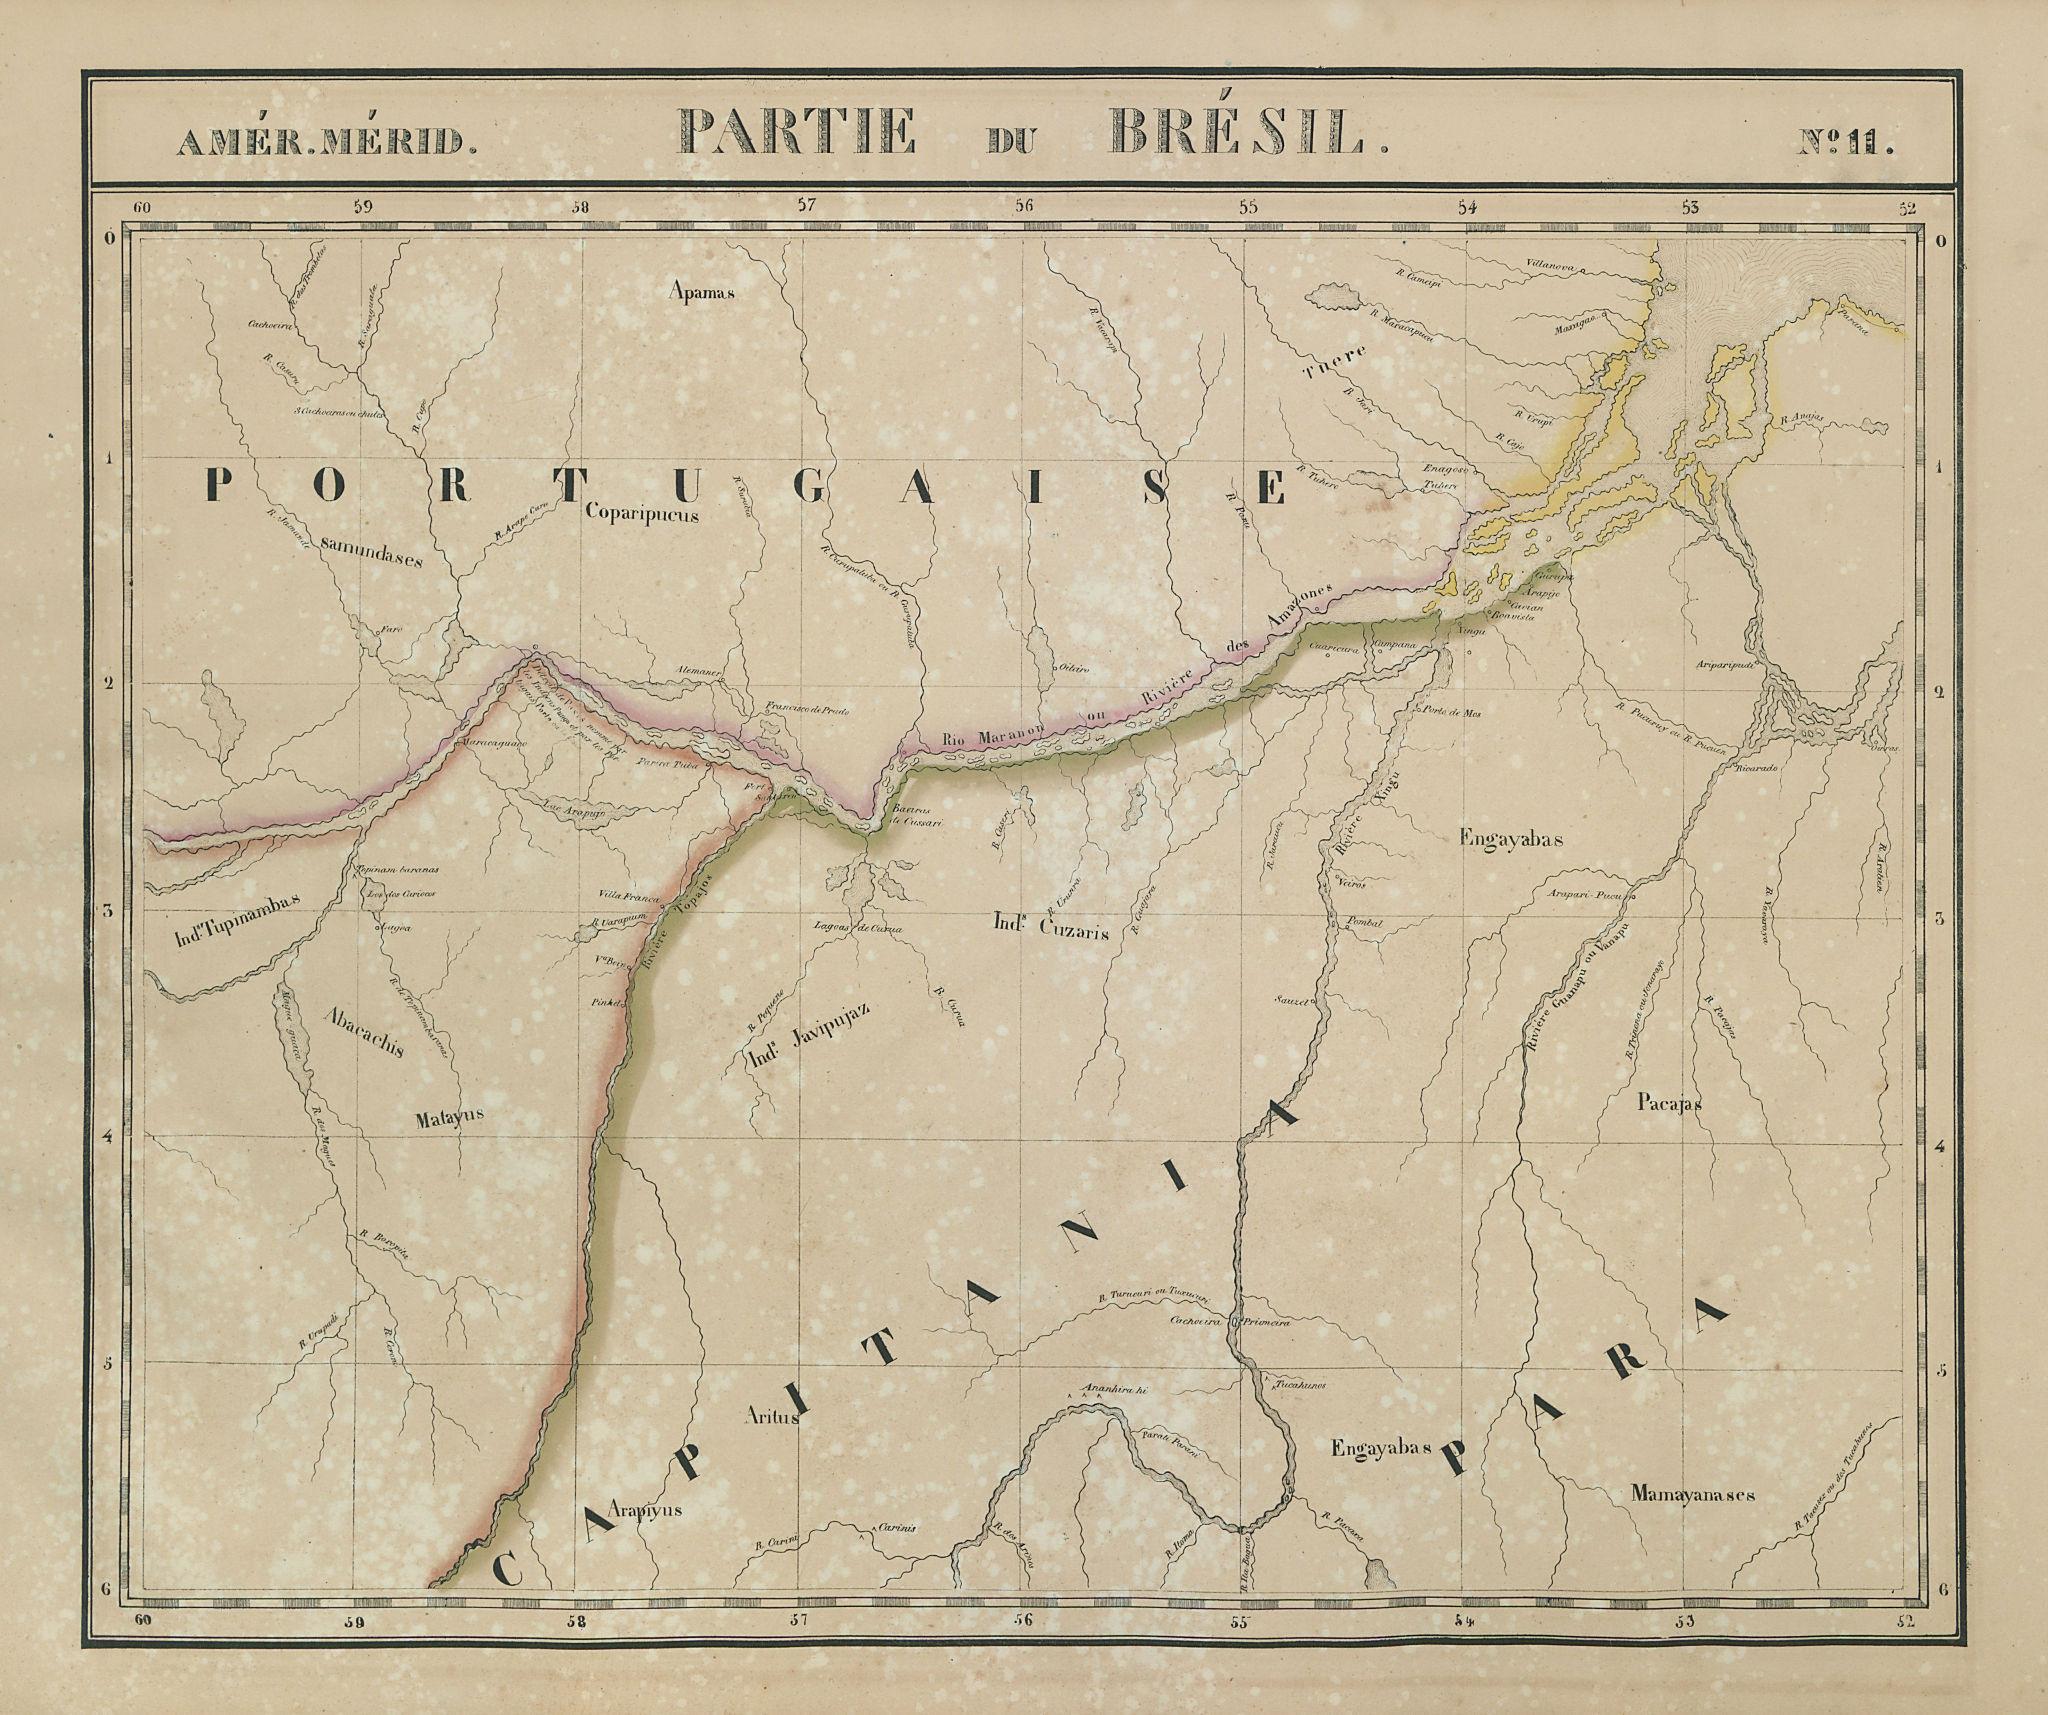 Amér. Mér. Brésil #11 Brazil. Lower Amazon in Para & Amapa VANDERMAELEN 1827